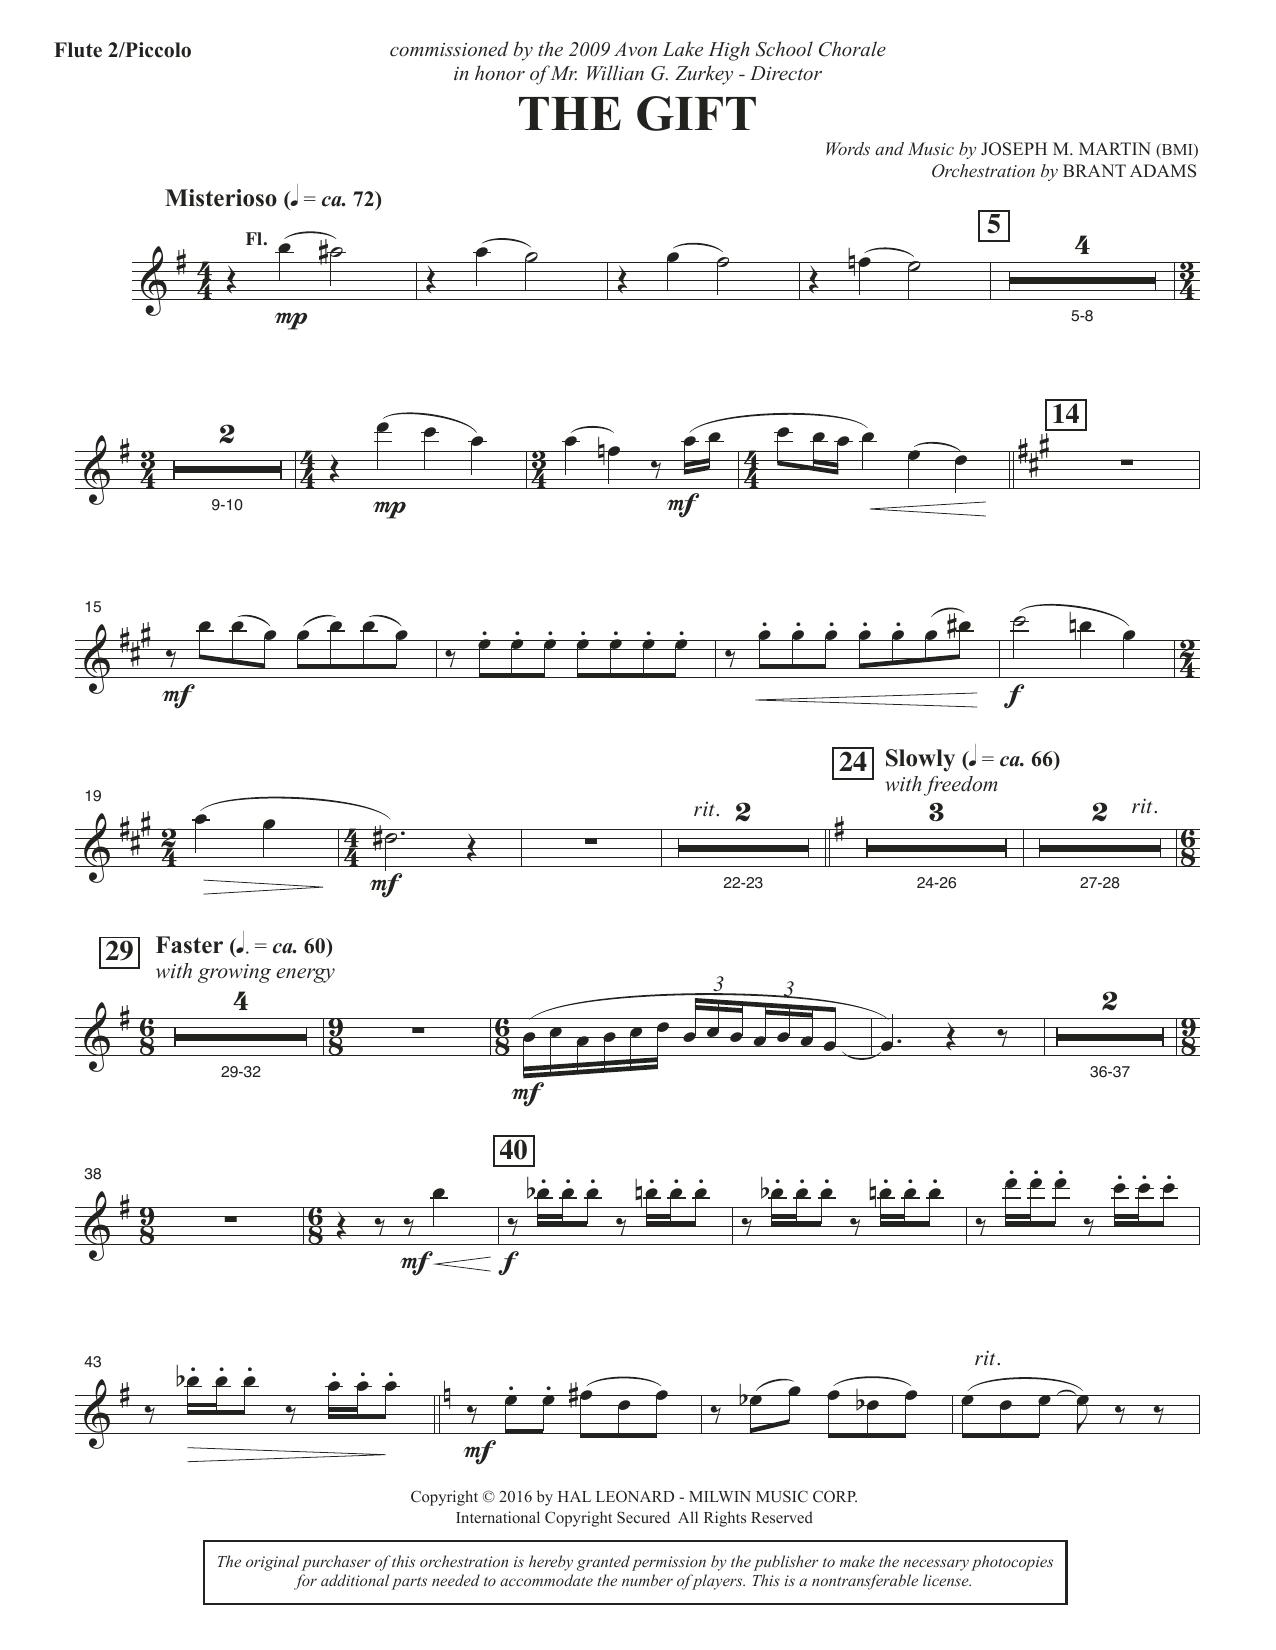 The Gift - Flute 2 (Piccolo)